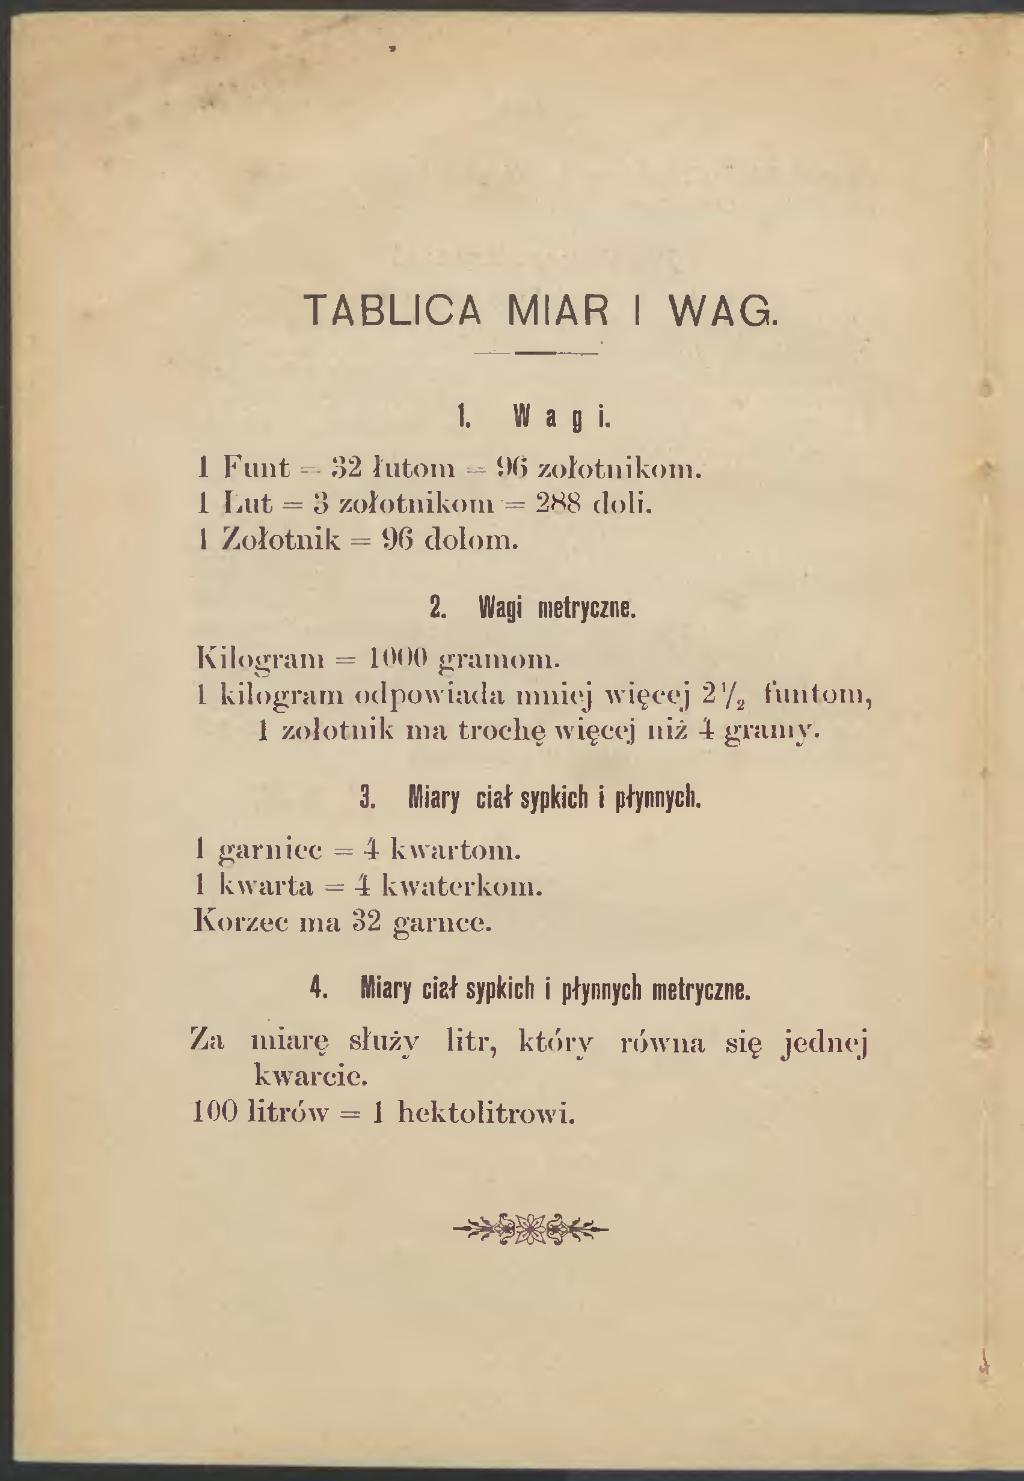 Stronakuchnia Koszerna 1904djvu8 Wikiźródła Wolna